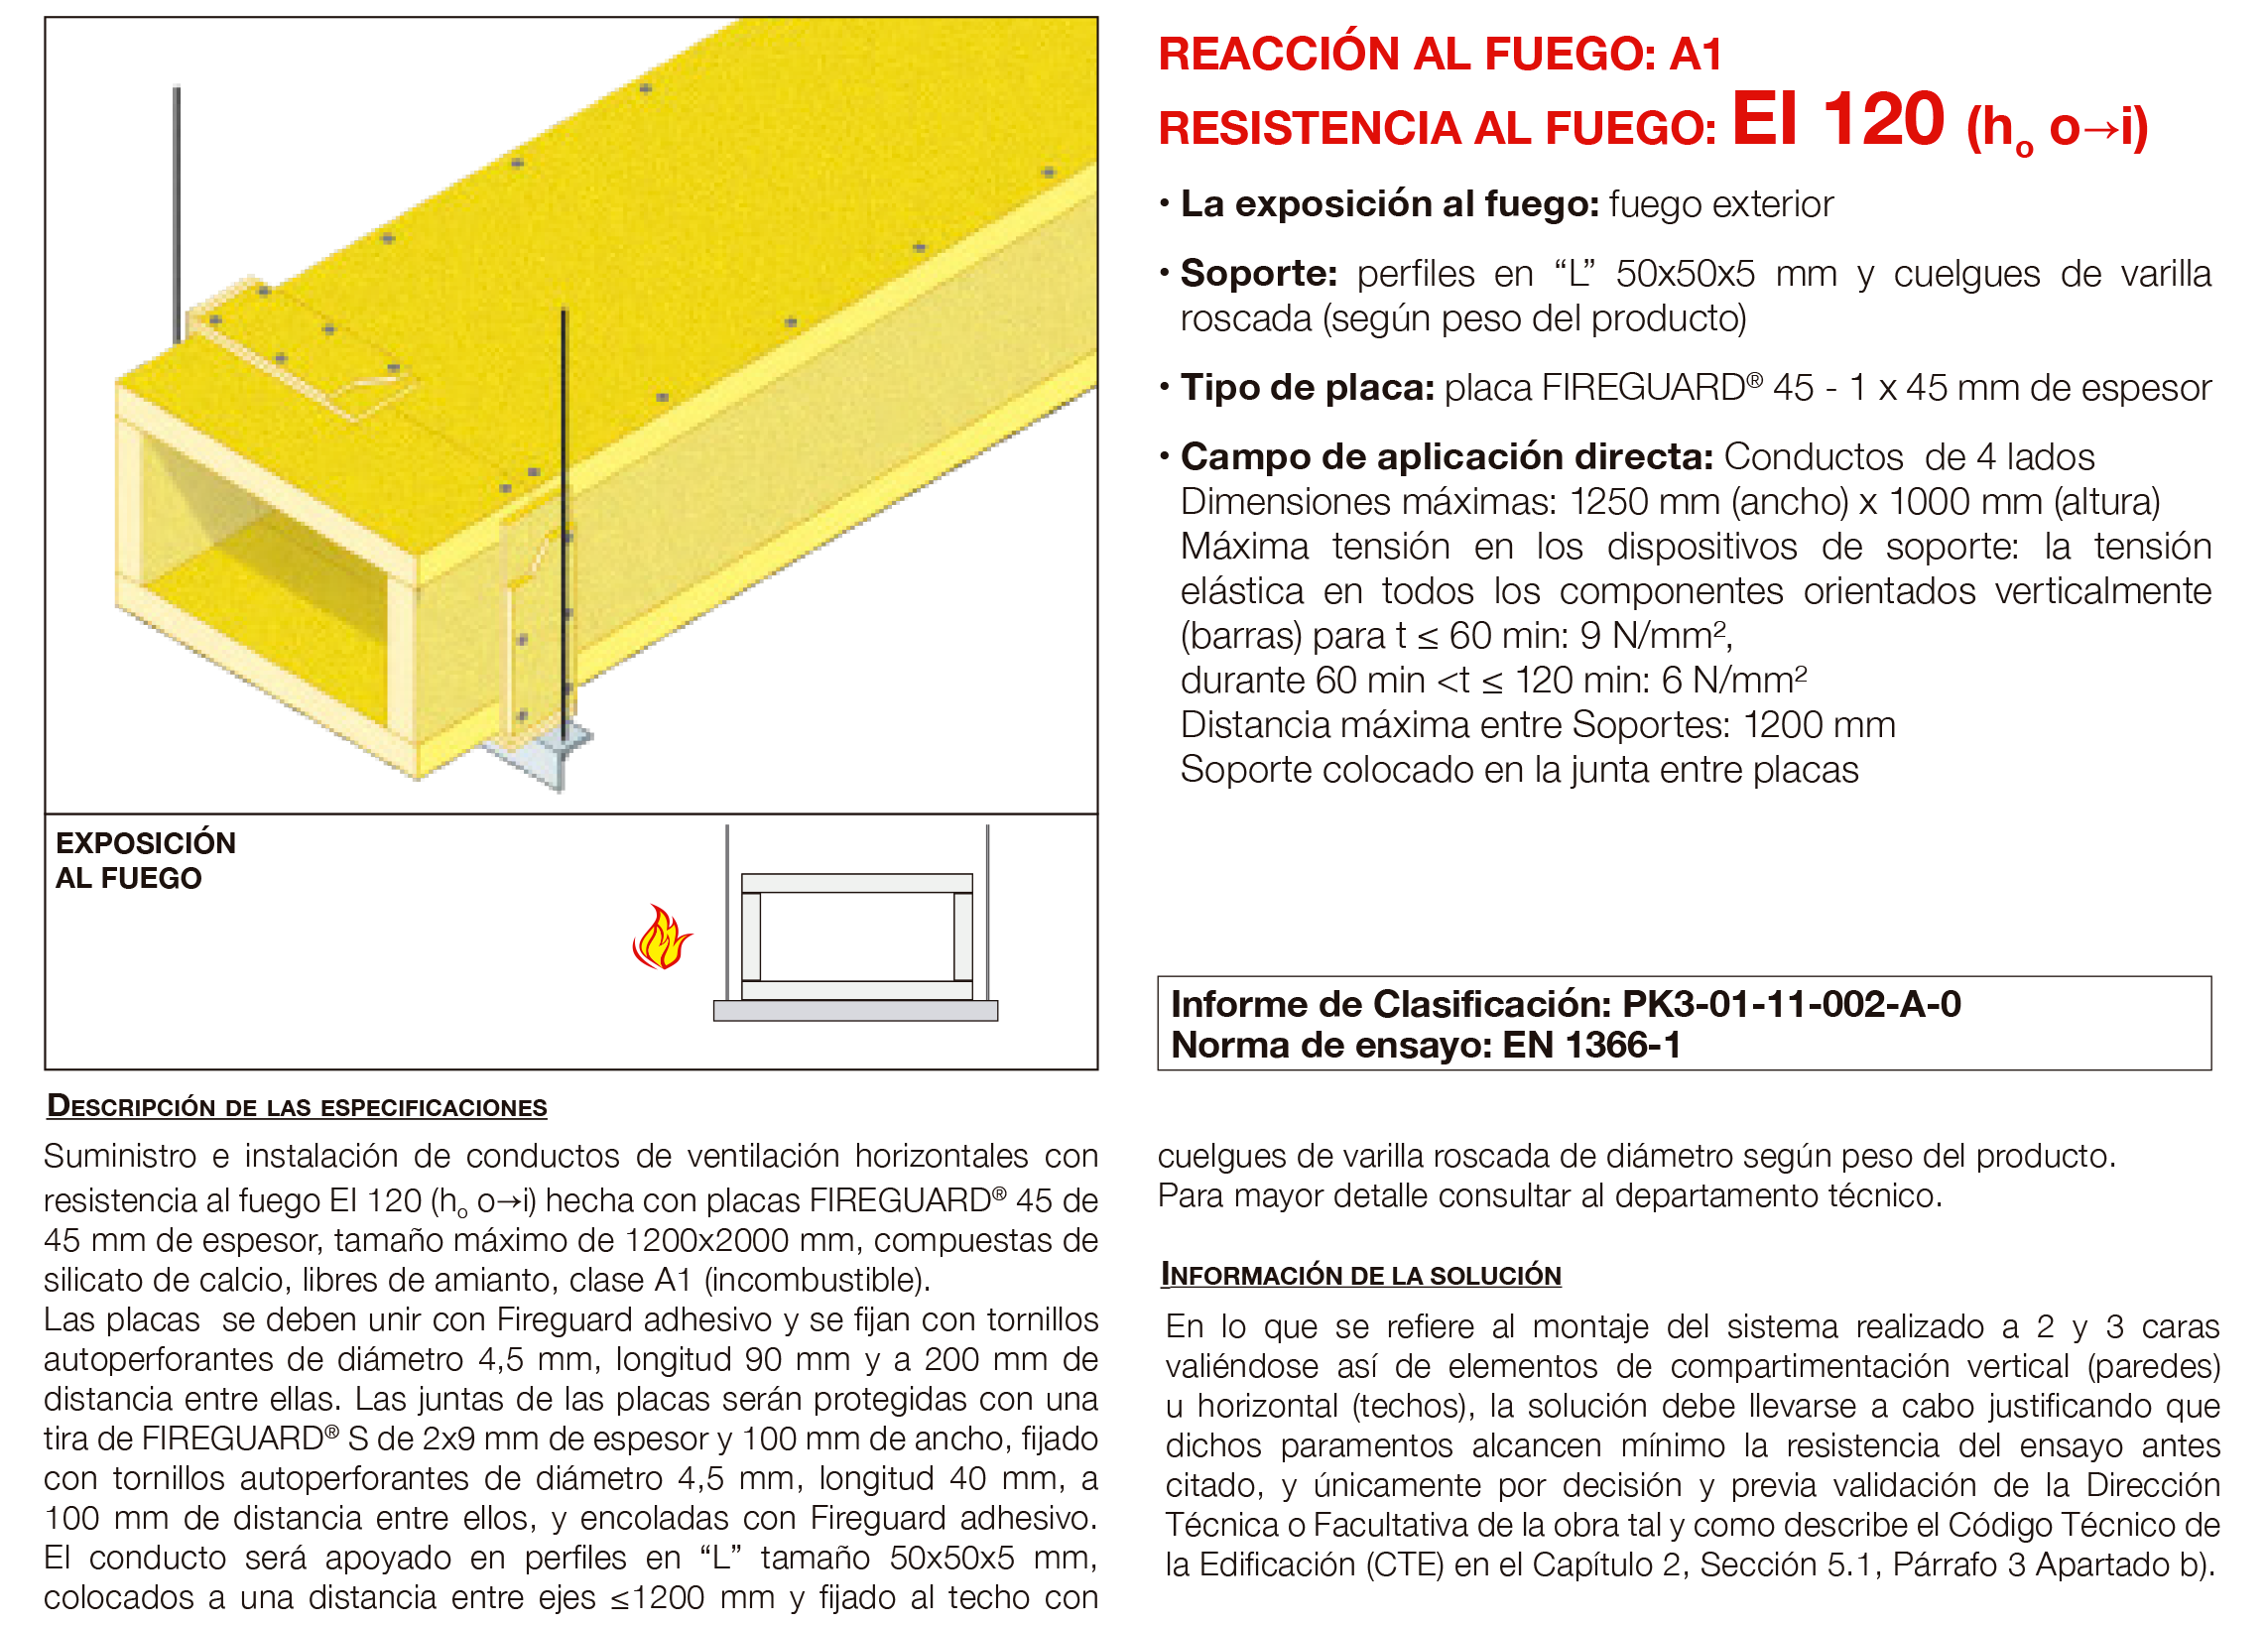 6.02 Conducto de Ventilacion Horizontal Fuego Externo con Placa EI120´